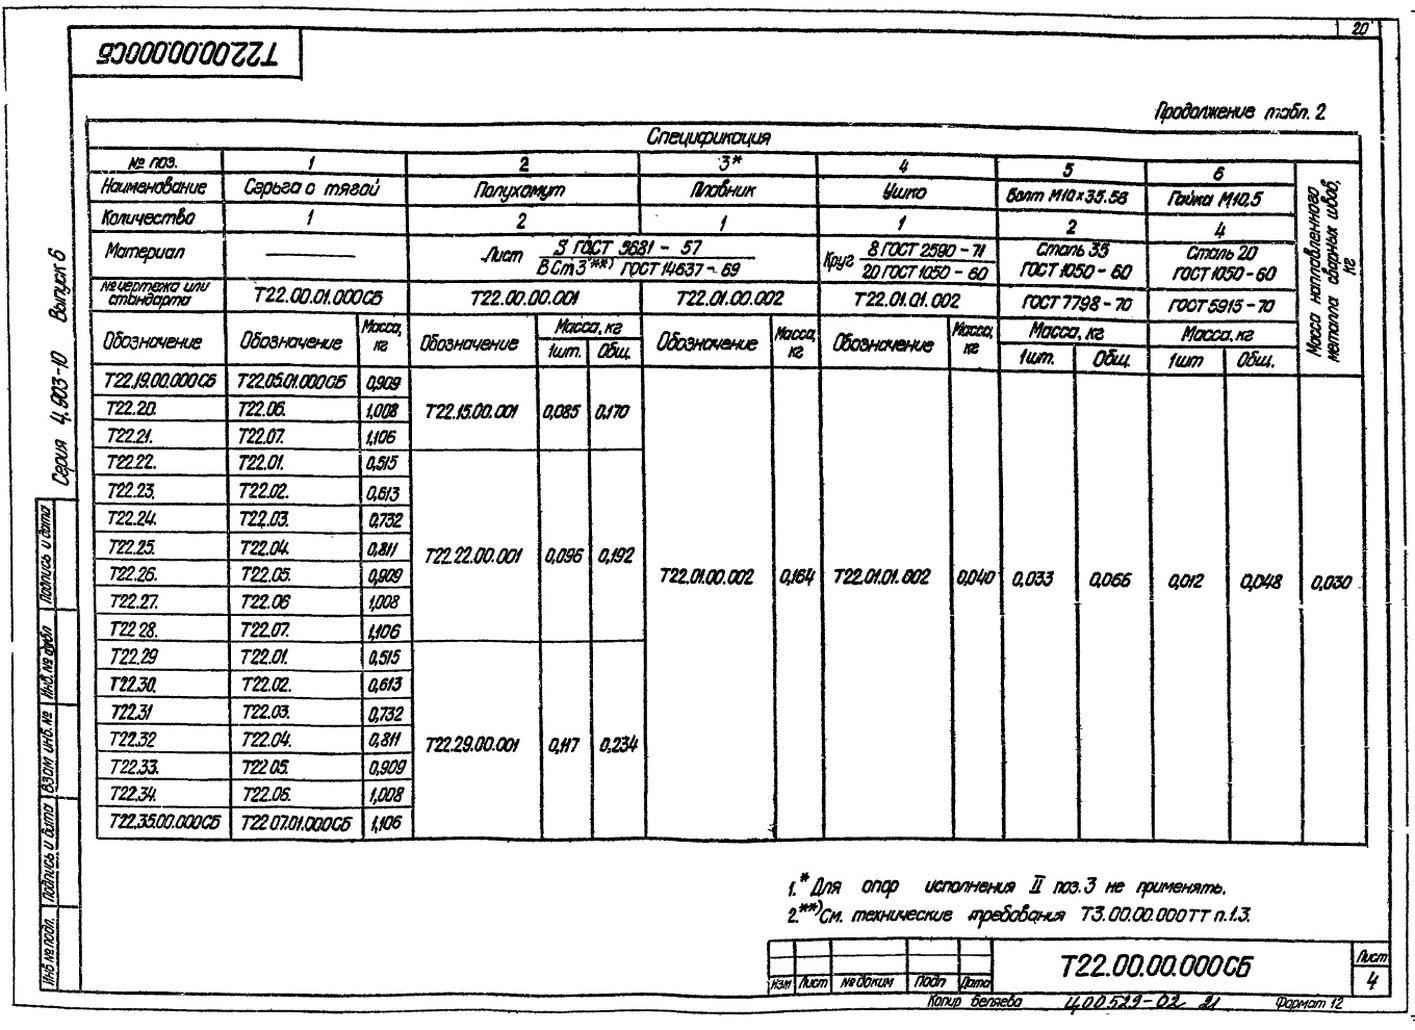 Опора подвижная жесткая Т22 с.4.903-1 вып.6 стр.4